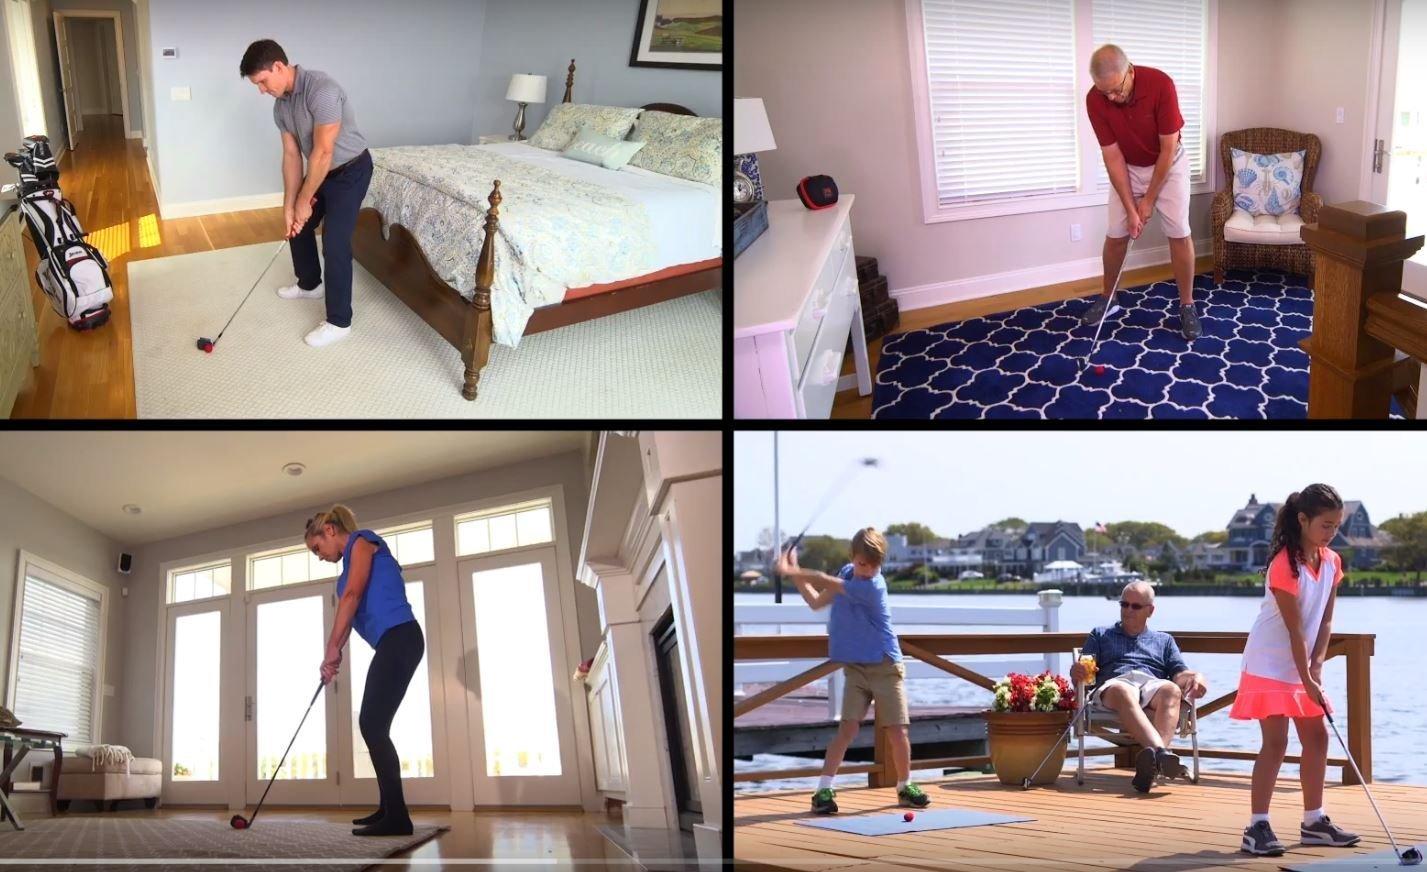 IMPACT IMPROVER Golf Swing Indoor Training Aid..Practice Golf Indoors..